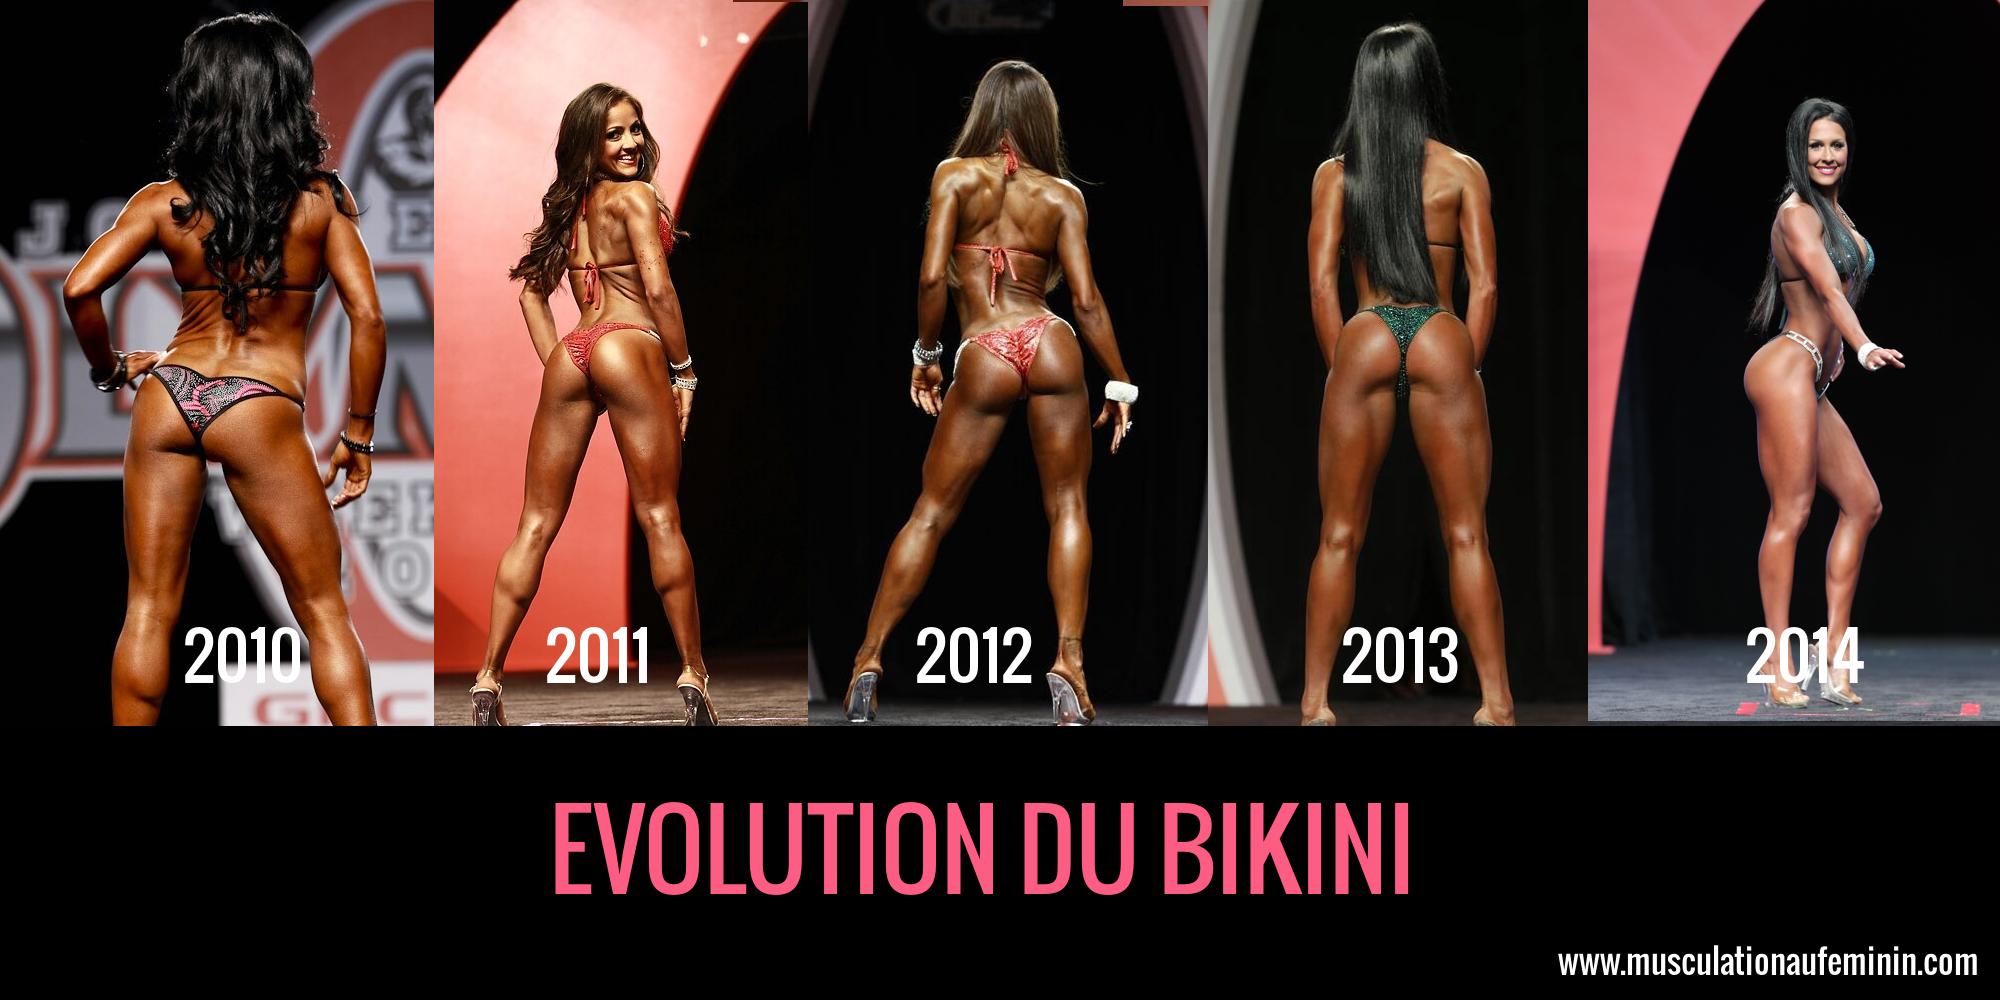 evolution-bikini